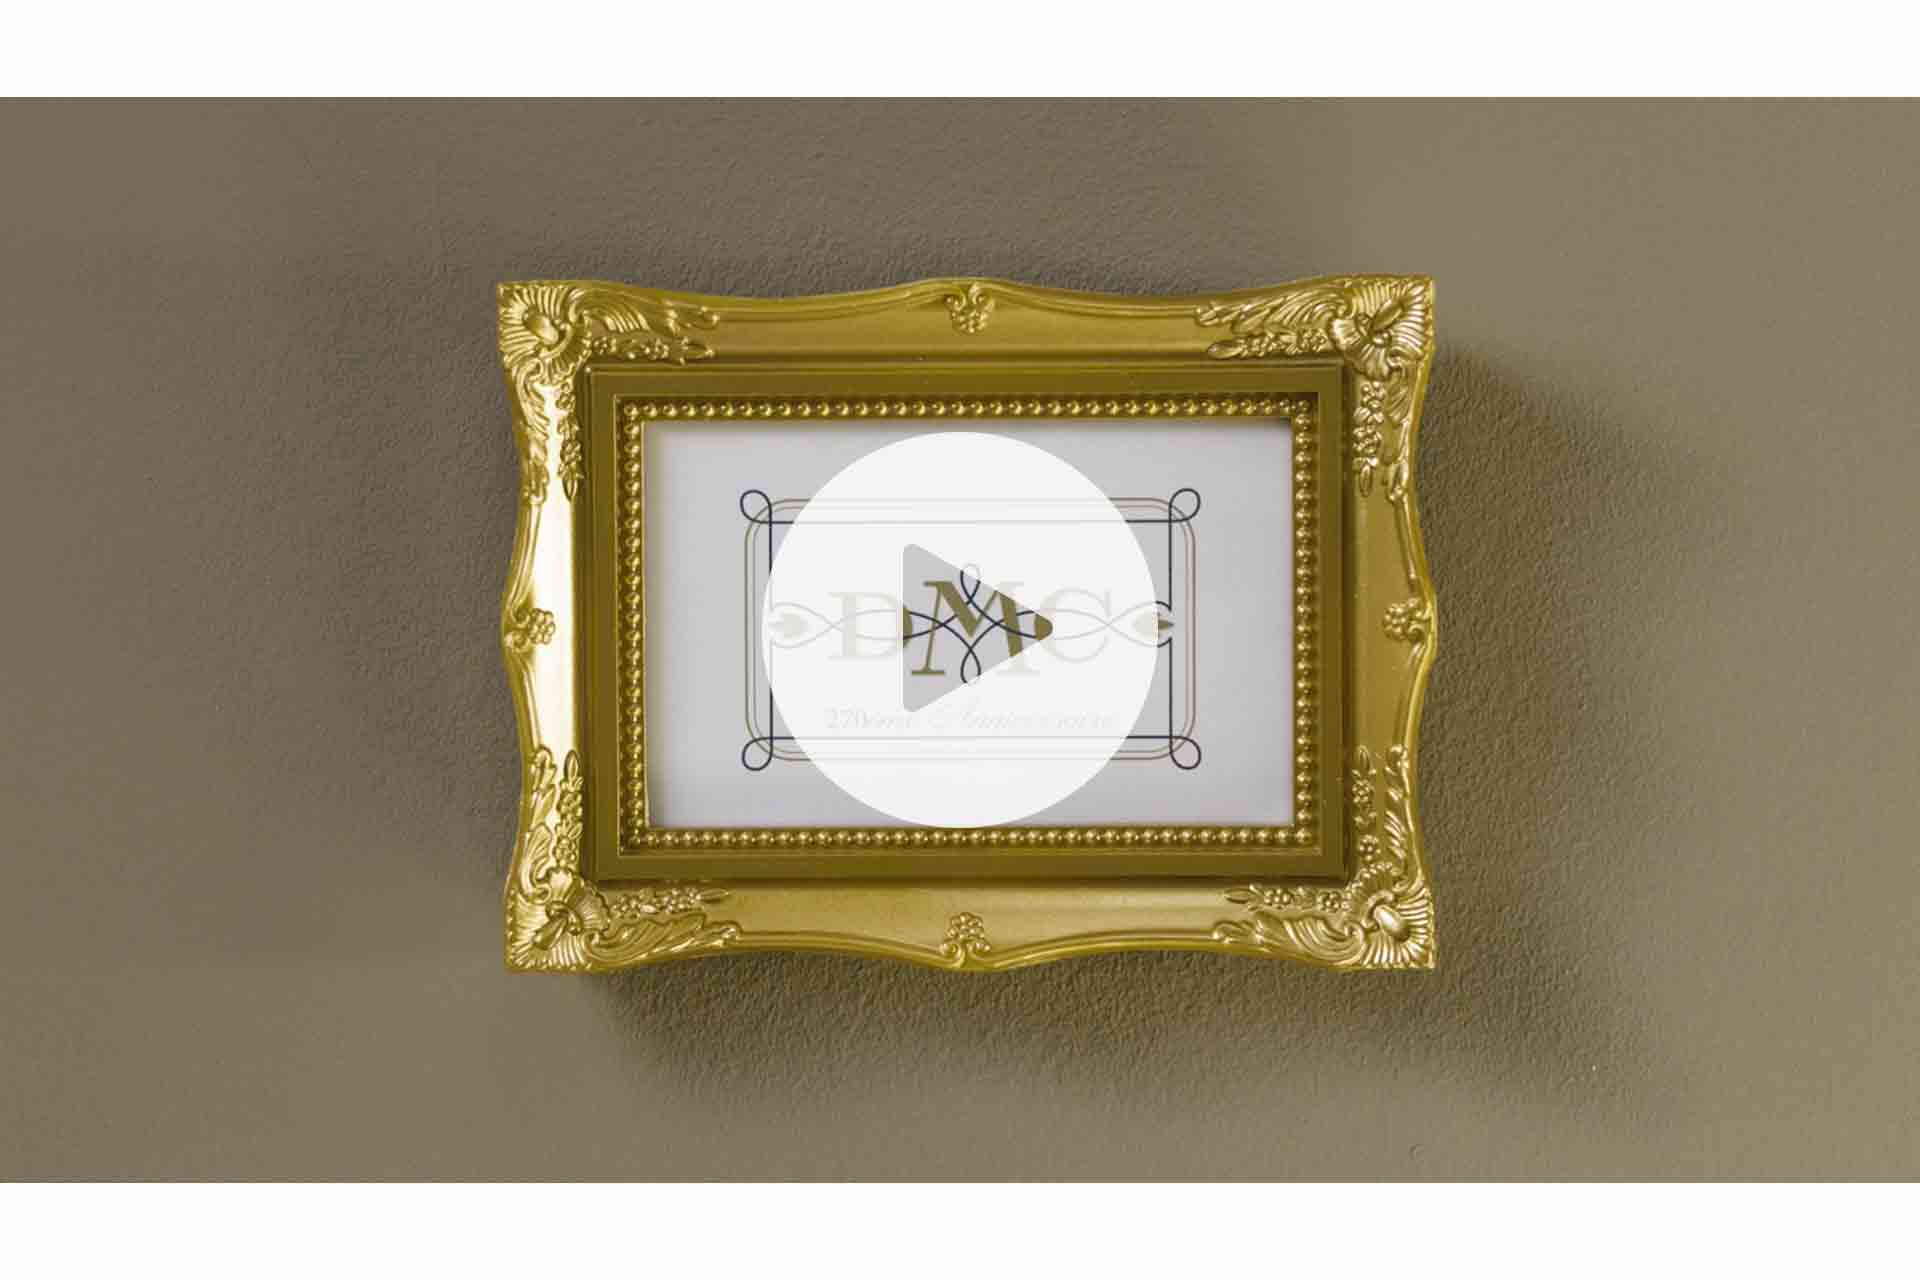 À l'occasion du 270e anniversaire, la marque de fils DMC a lancé une édition spéciale spéciale d'un fil à broder en or.